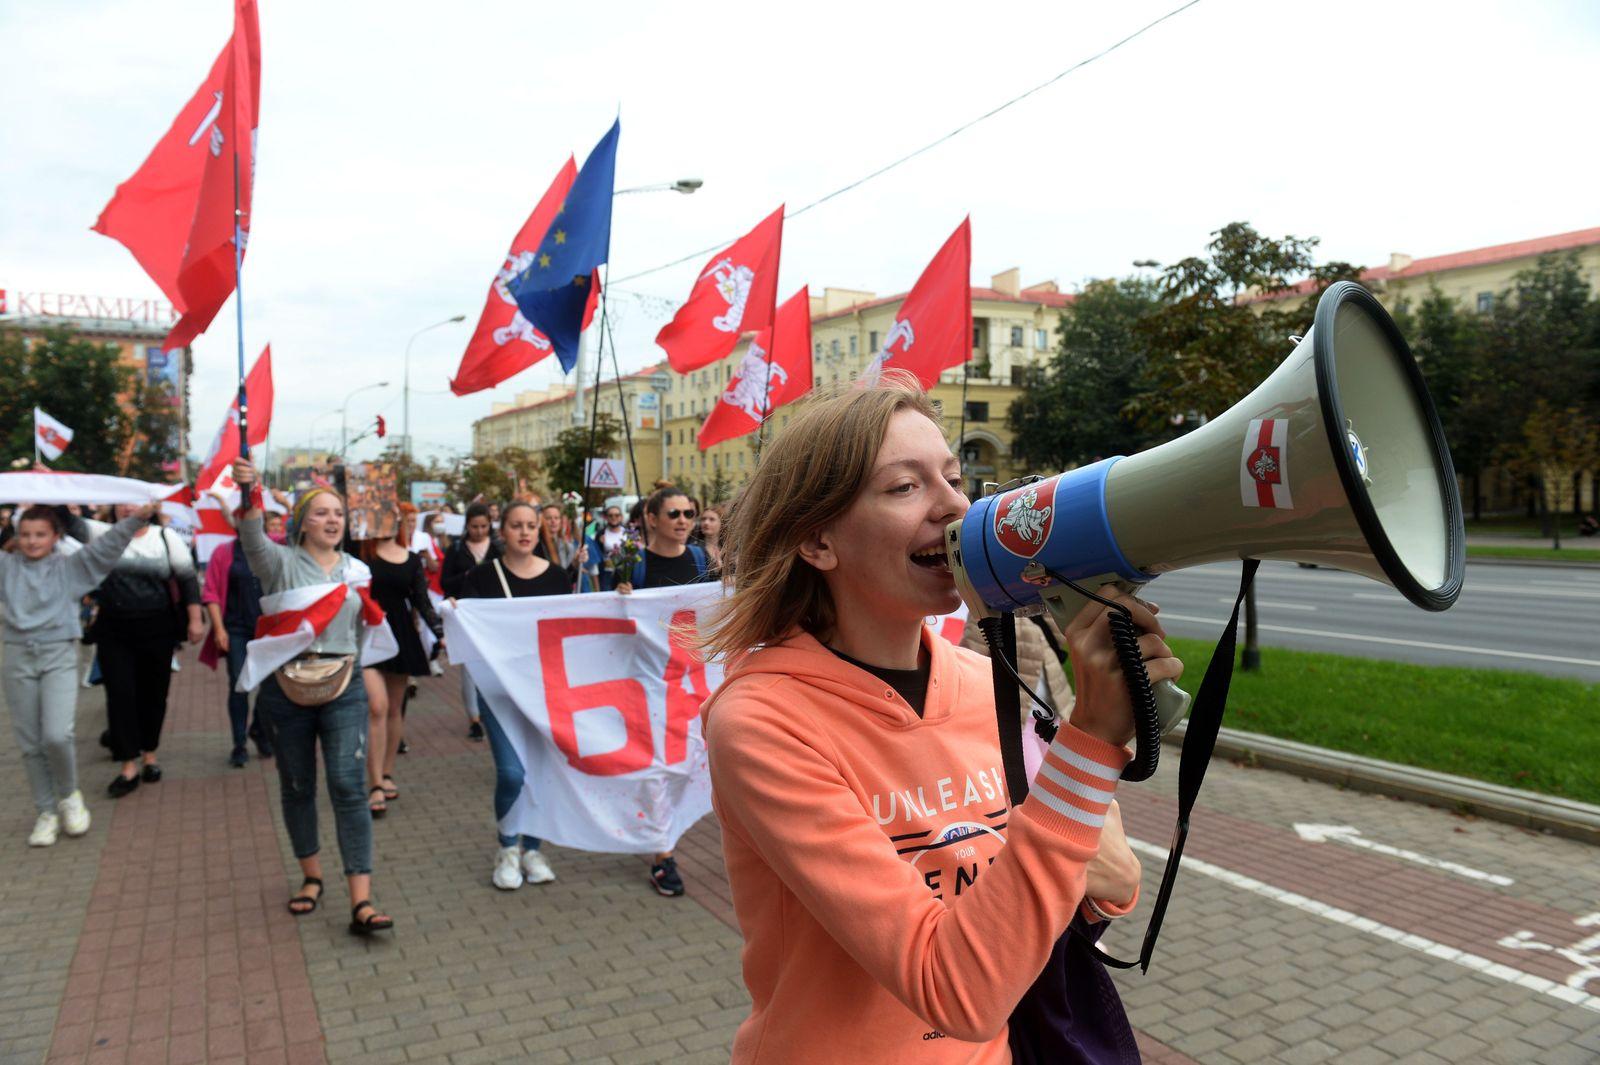 Opposition protests in Belarus, Minsk - 05 Sep 2020